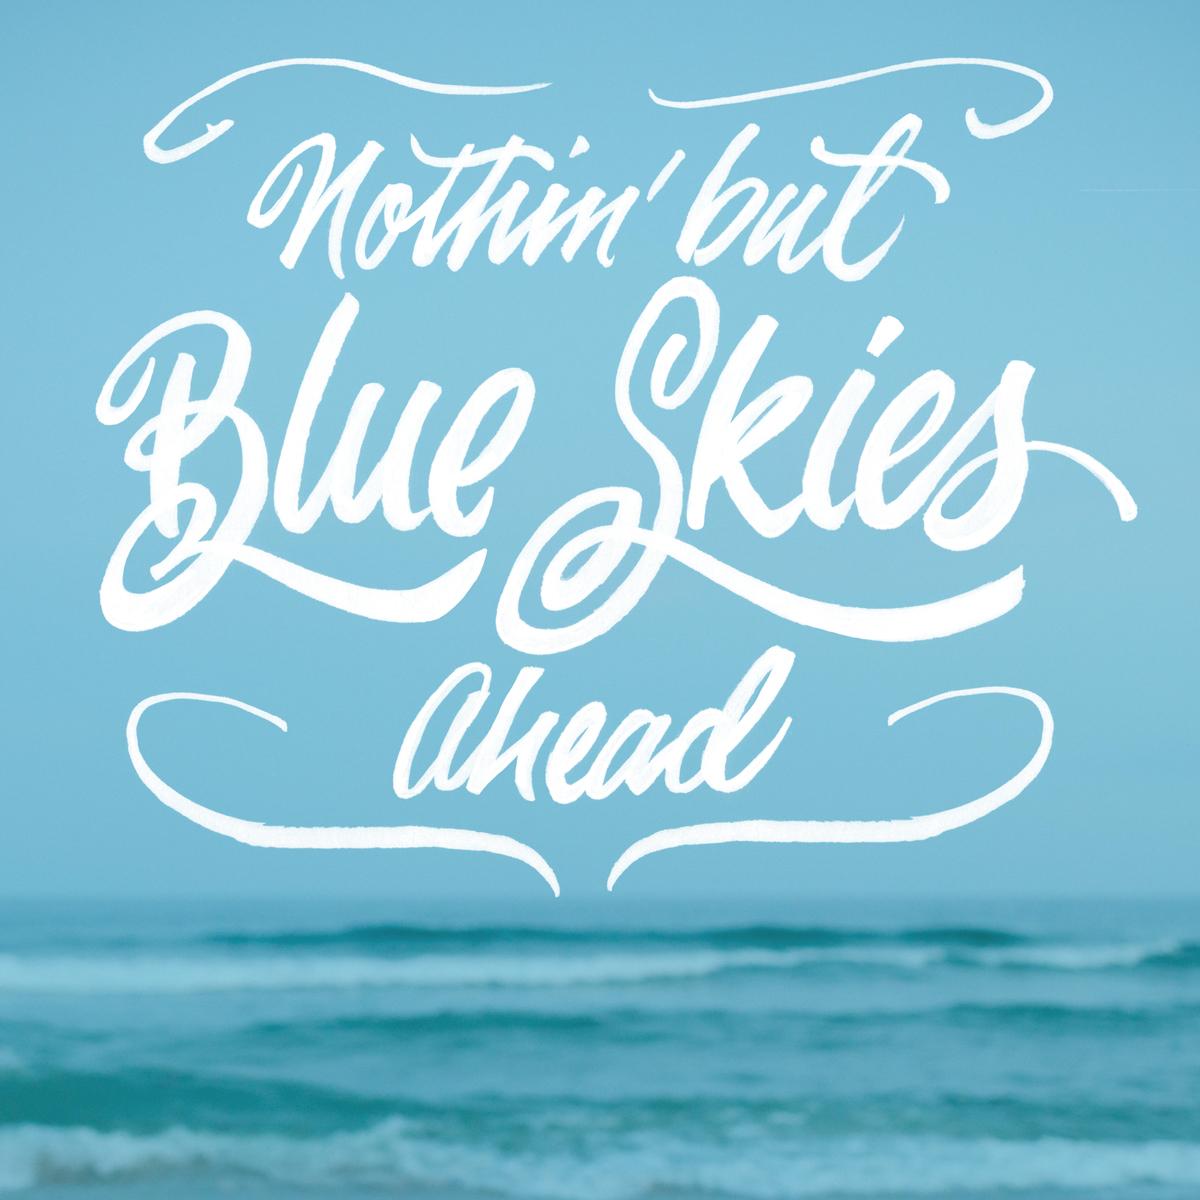 nothing but blue skies ahead